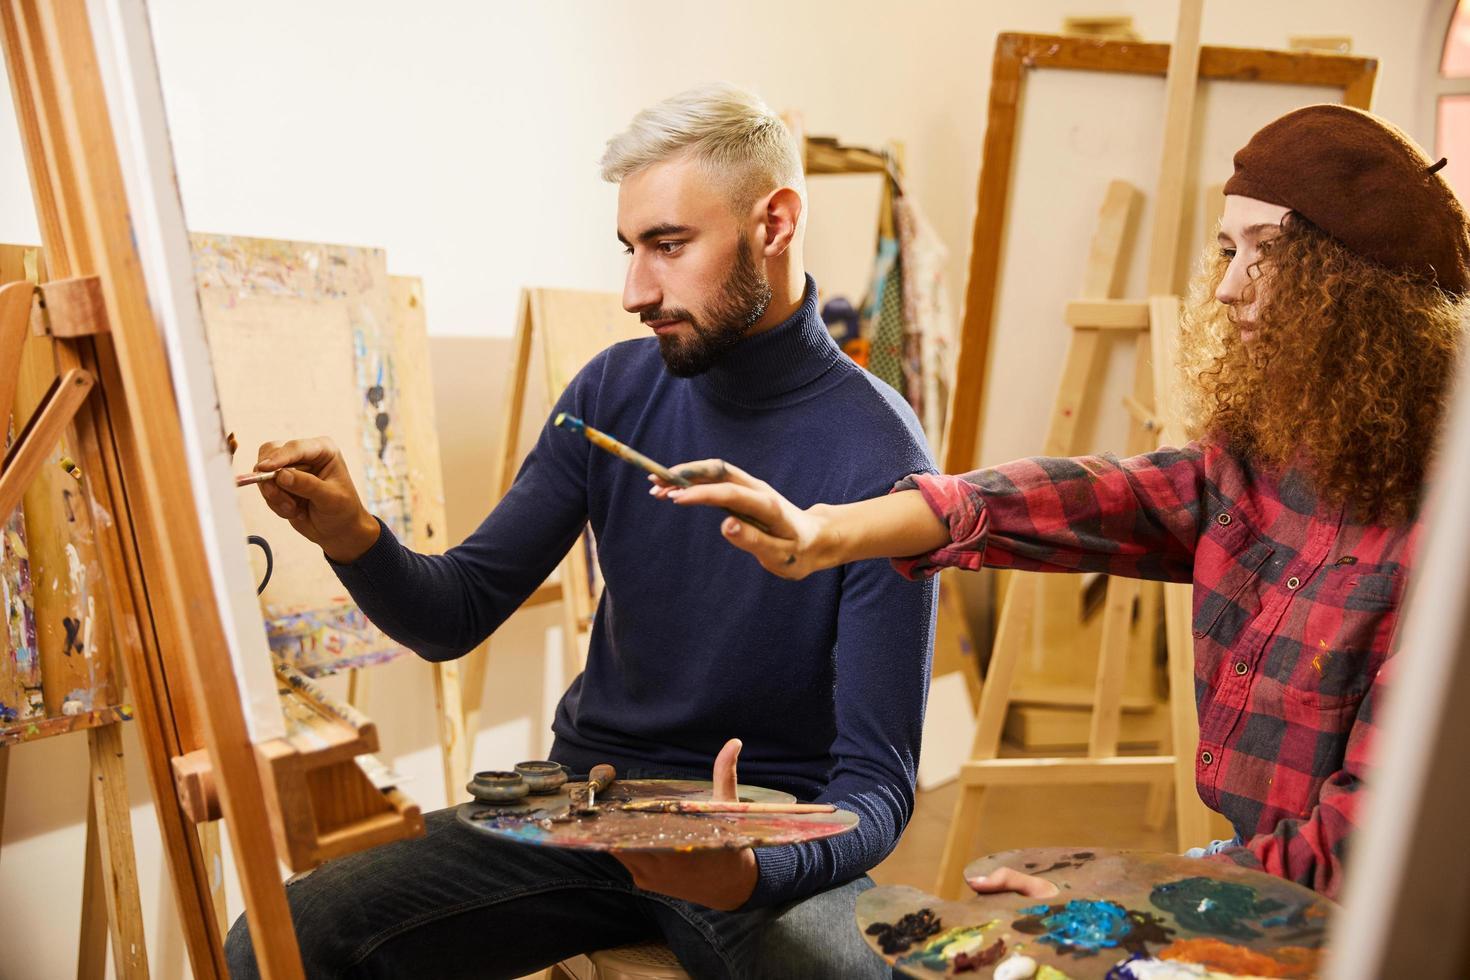 ragazza dai capelli ricci e pittura dell'uomo foto